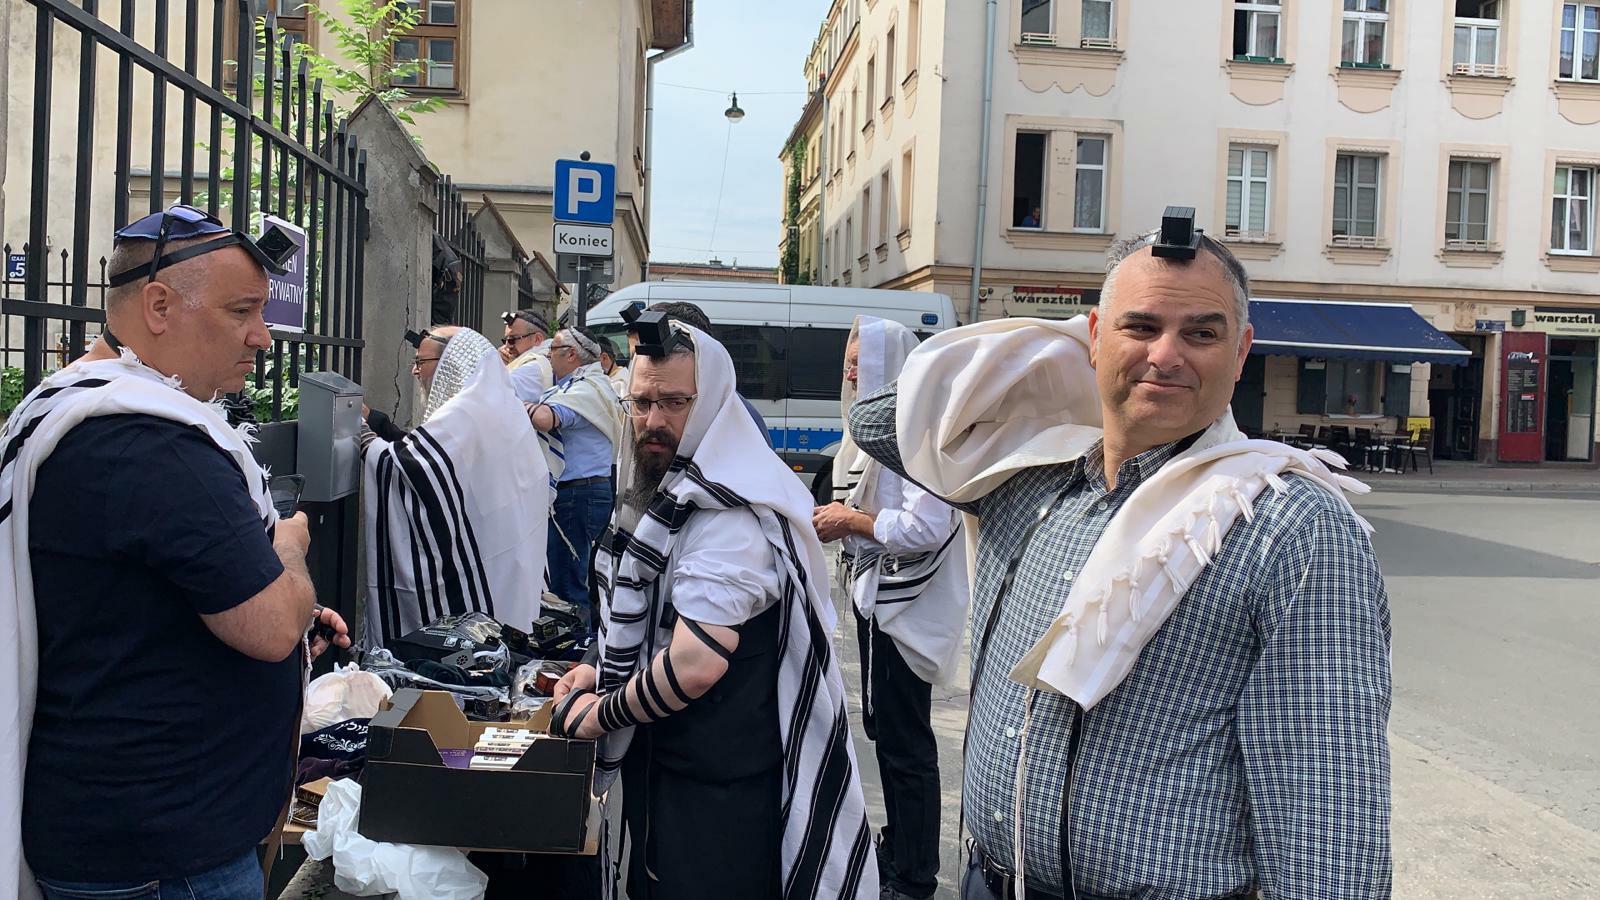 בית הכנסת בקרקא (6)